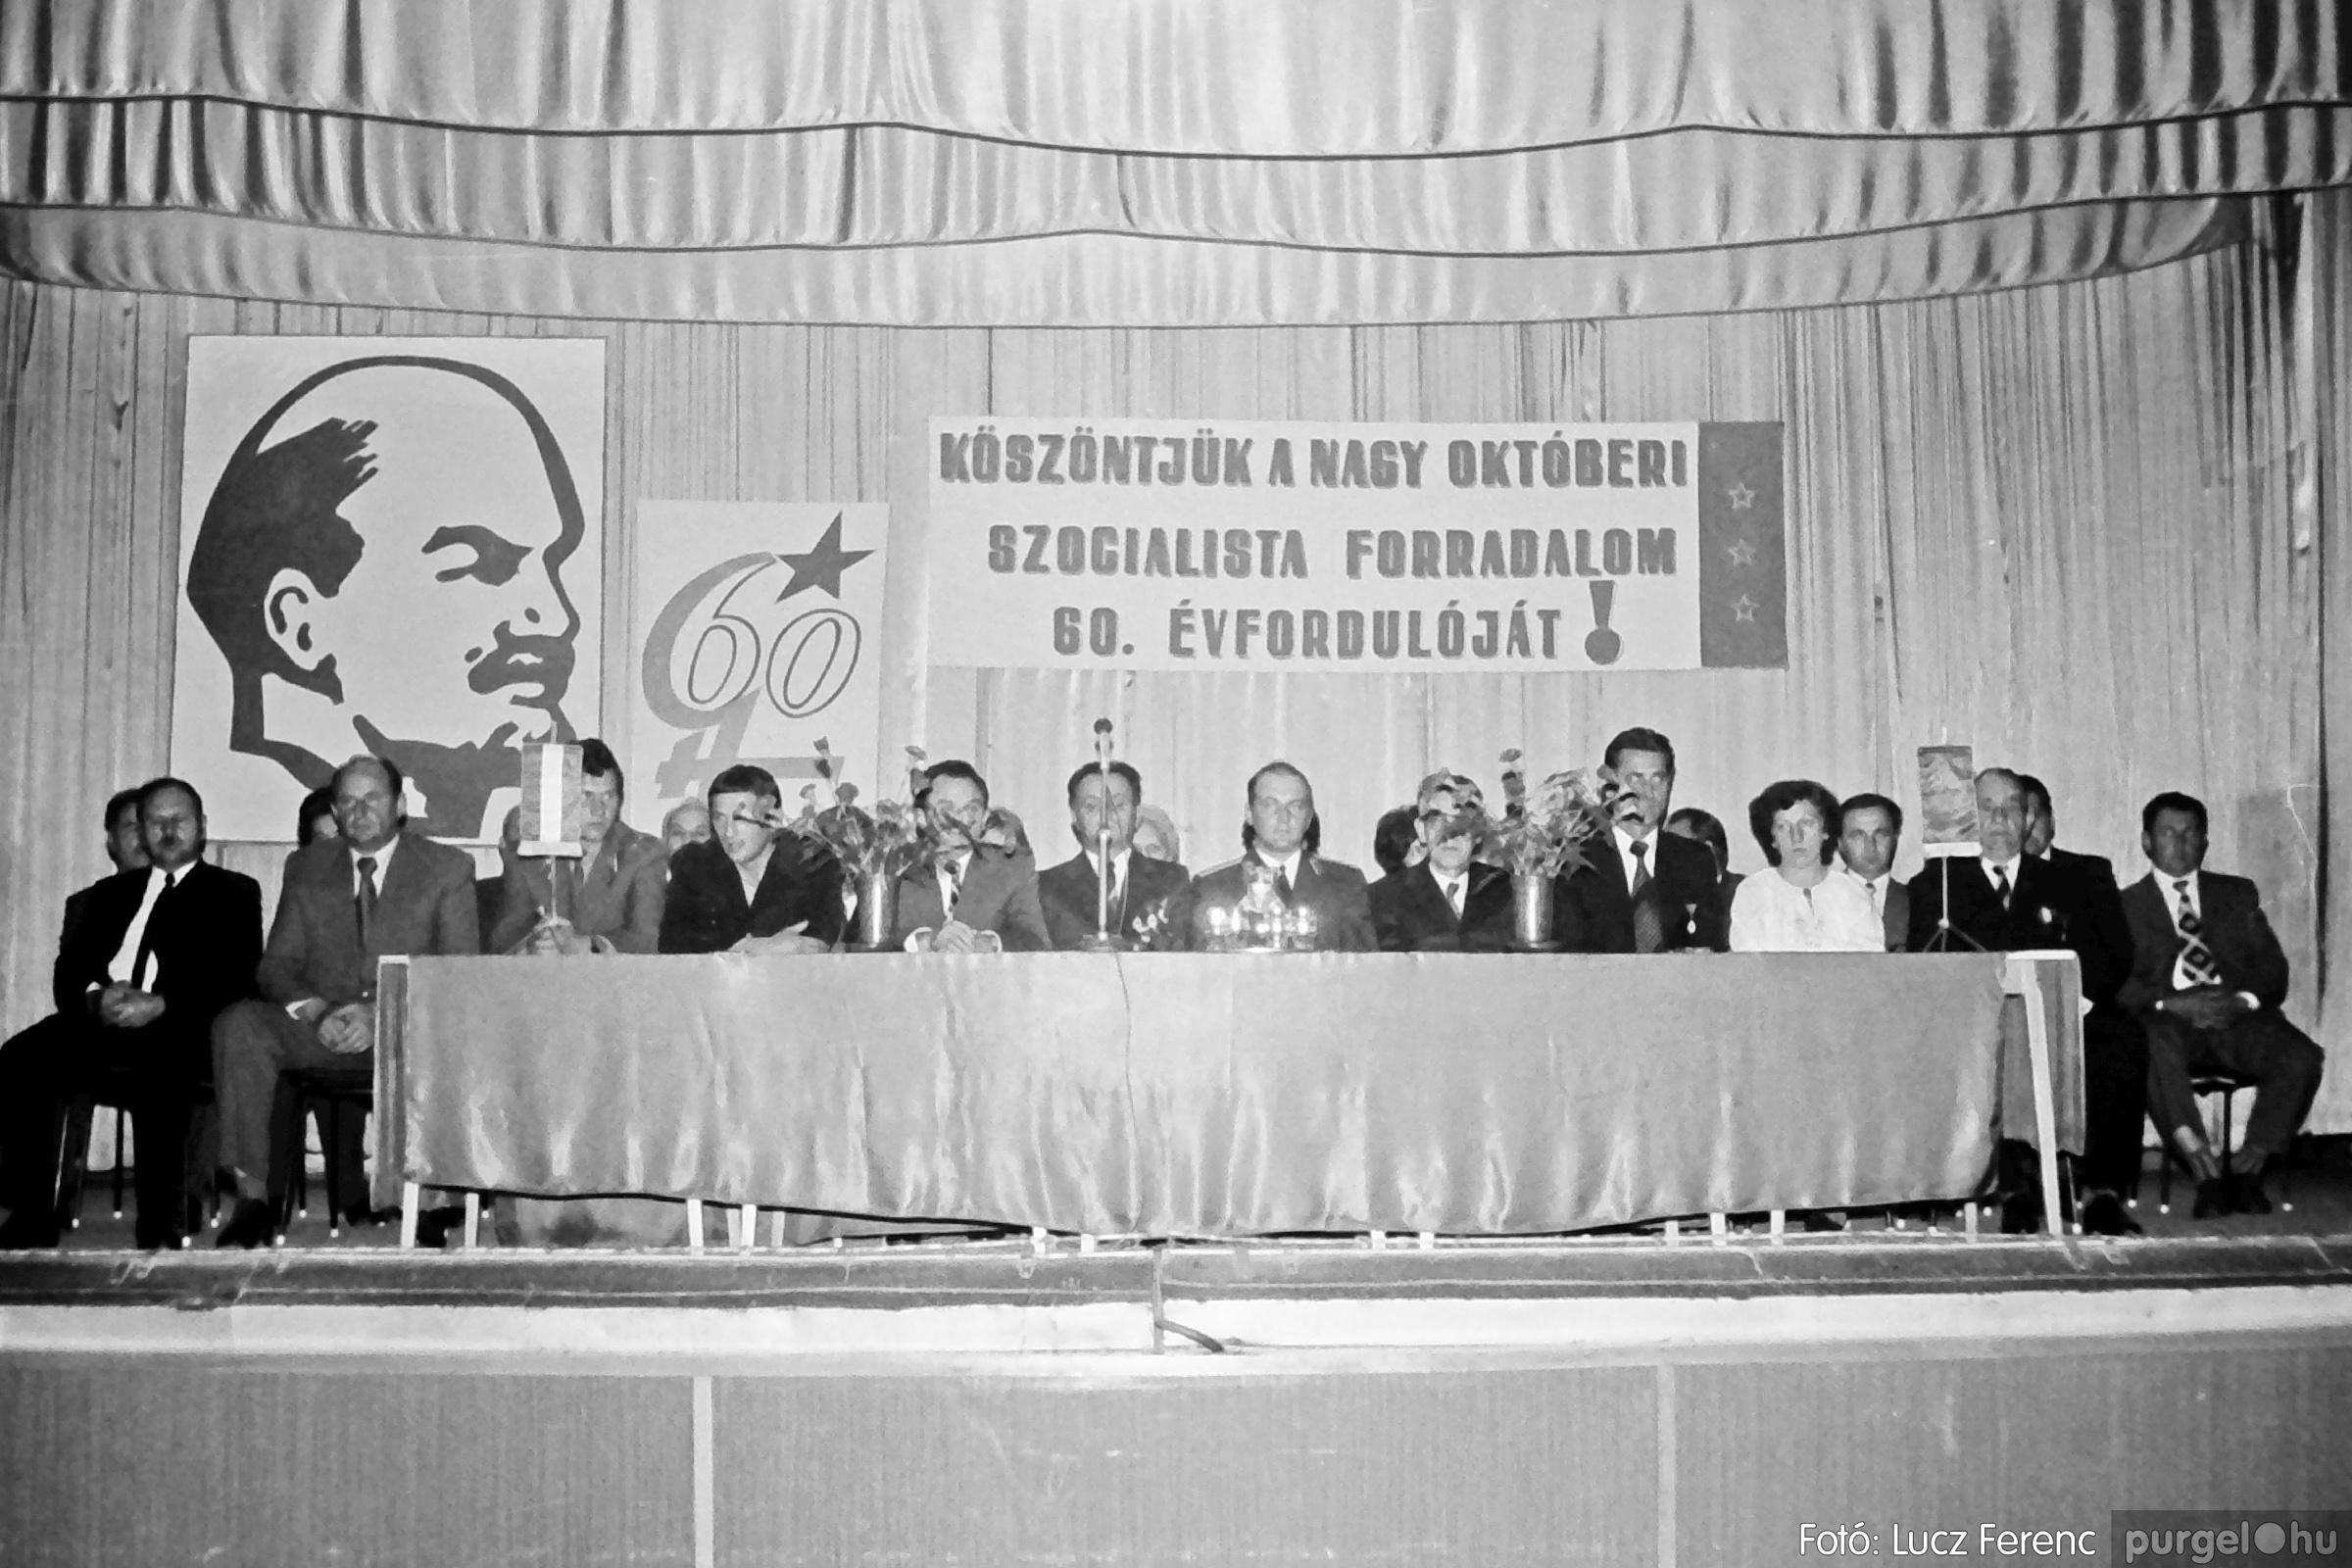 094. 1977.11.07. November 7-i ünnepség 014. - Fotó: Lucz Ferenc.jpg